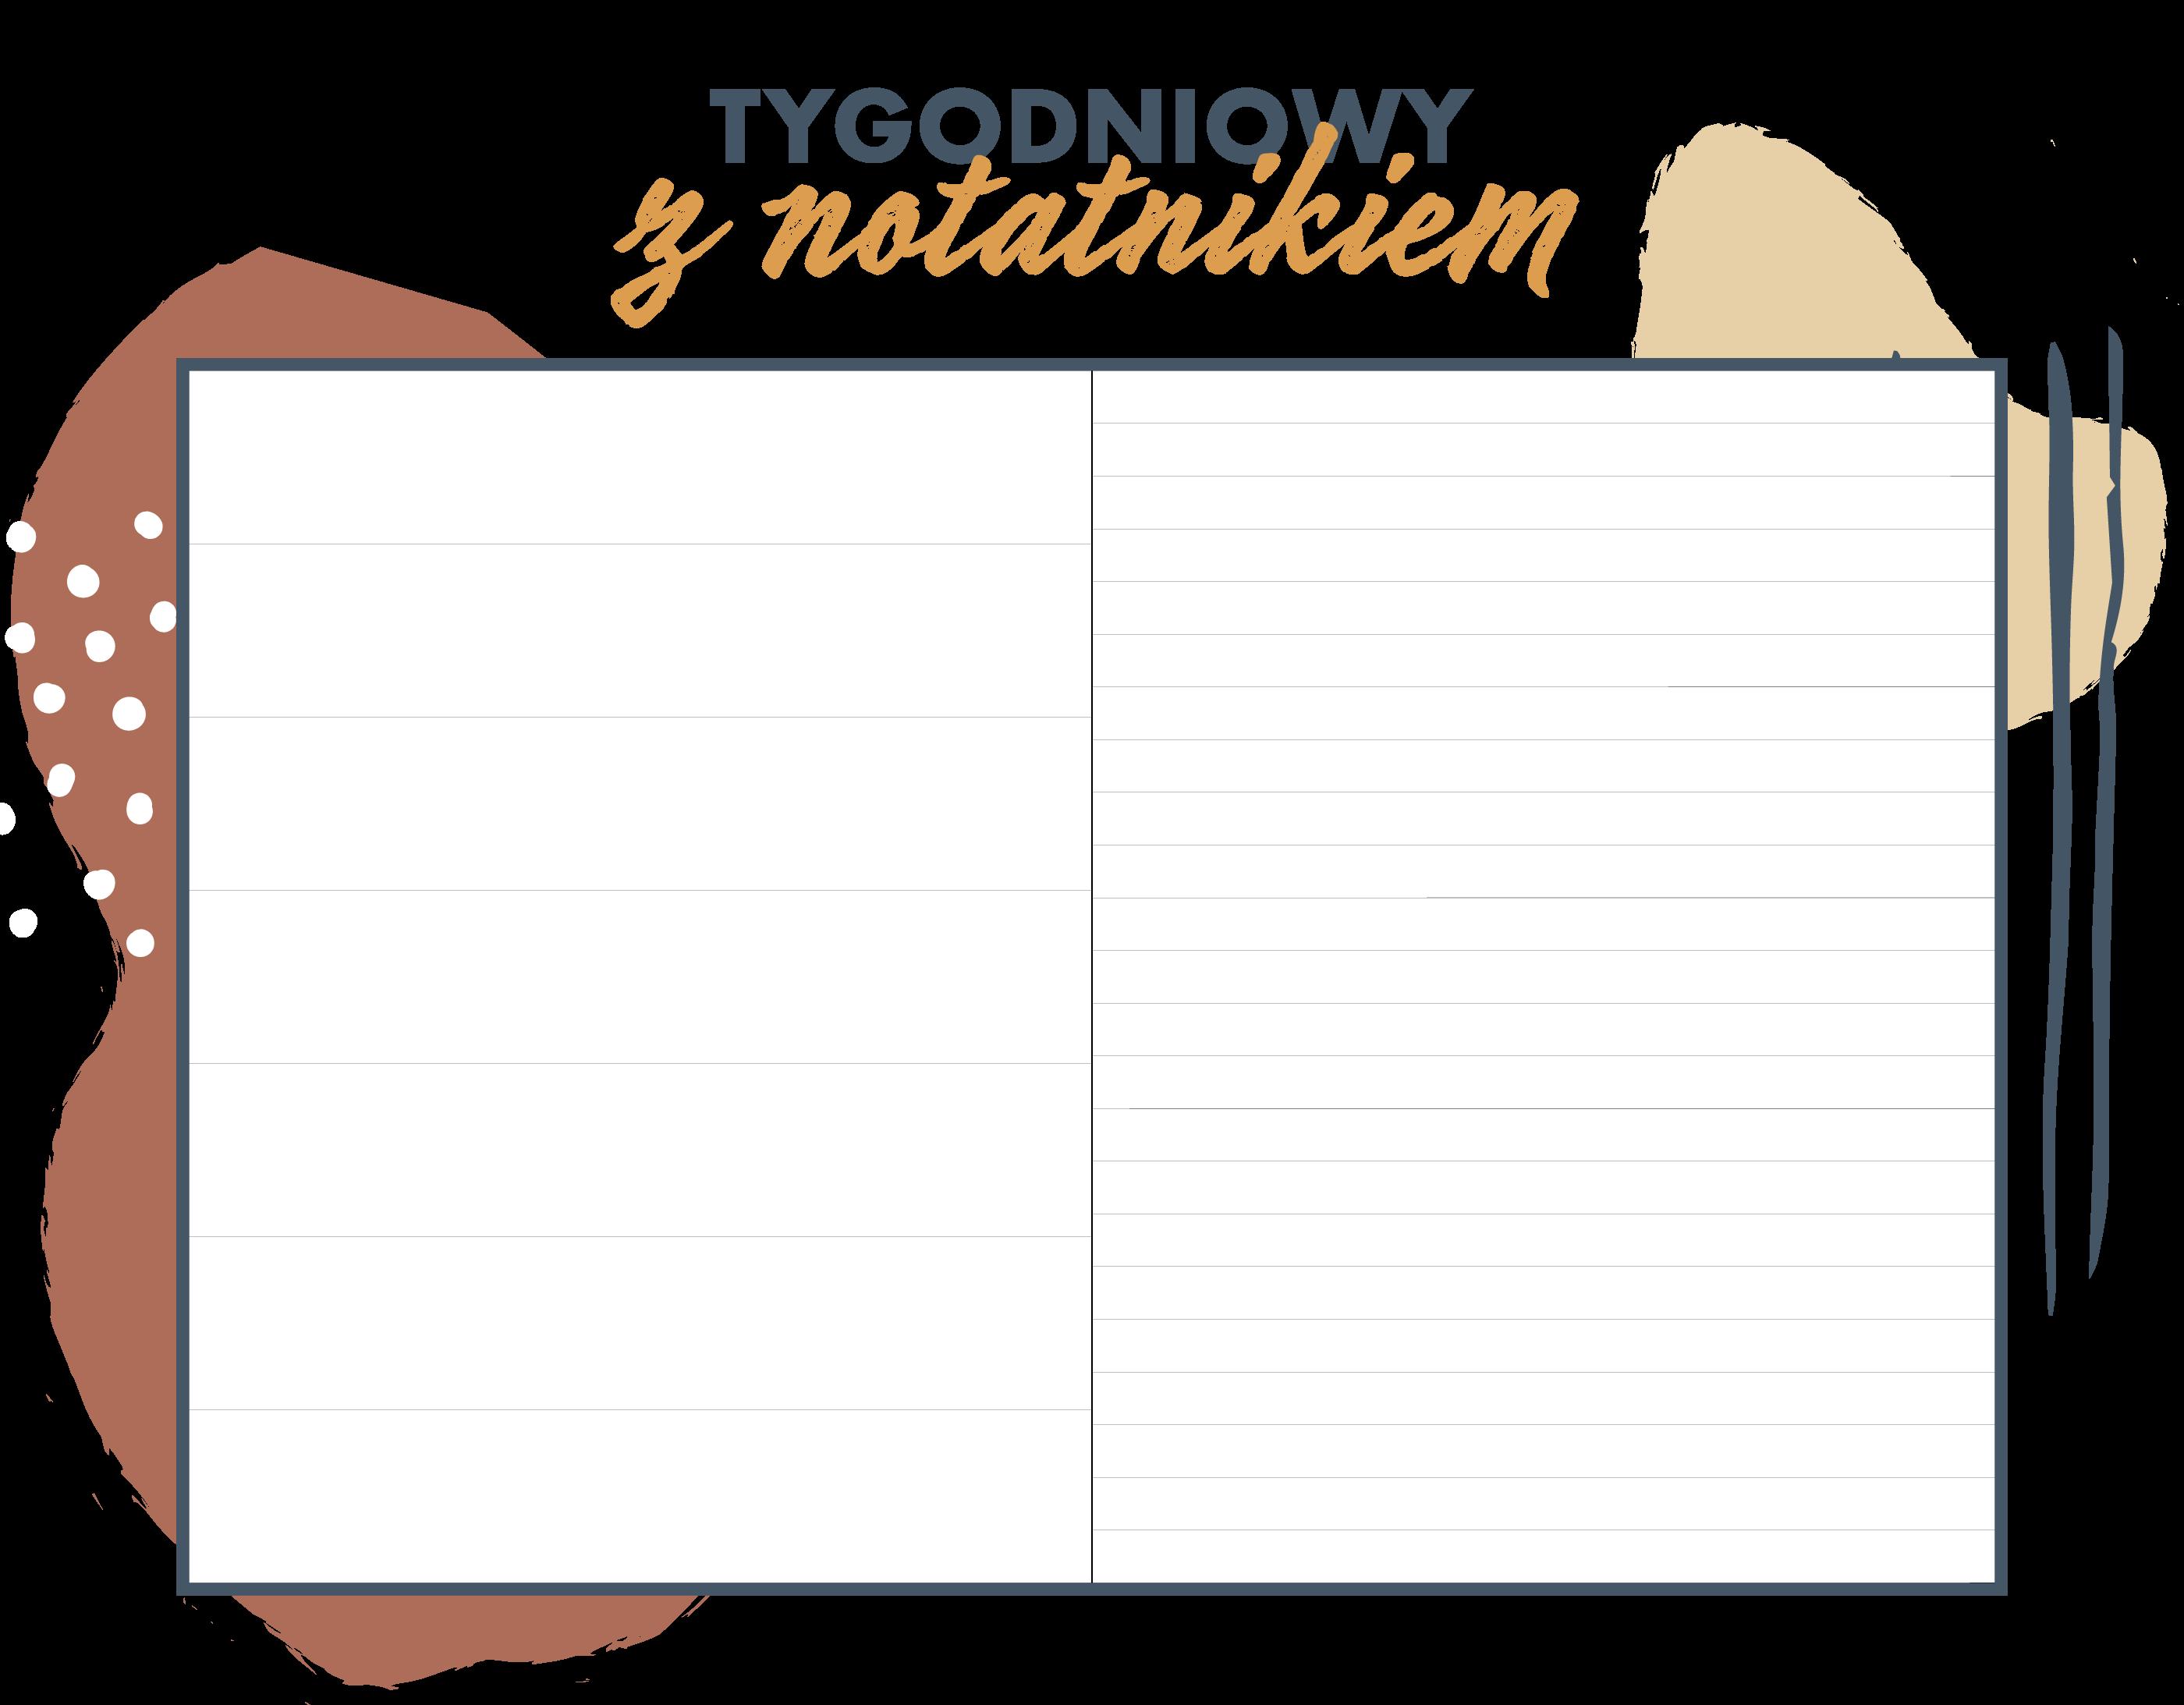 Układ tygodniowy z notatnikiem